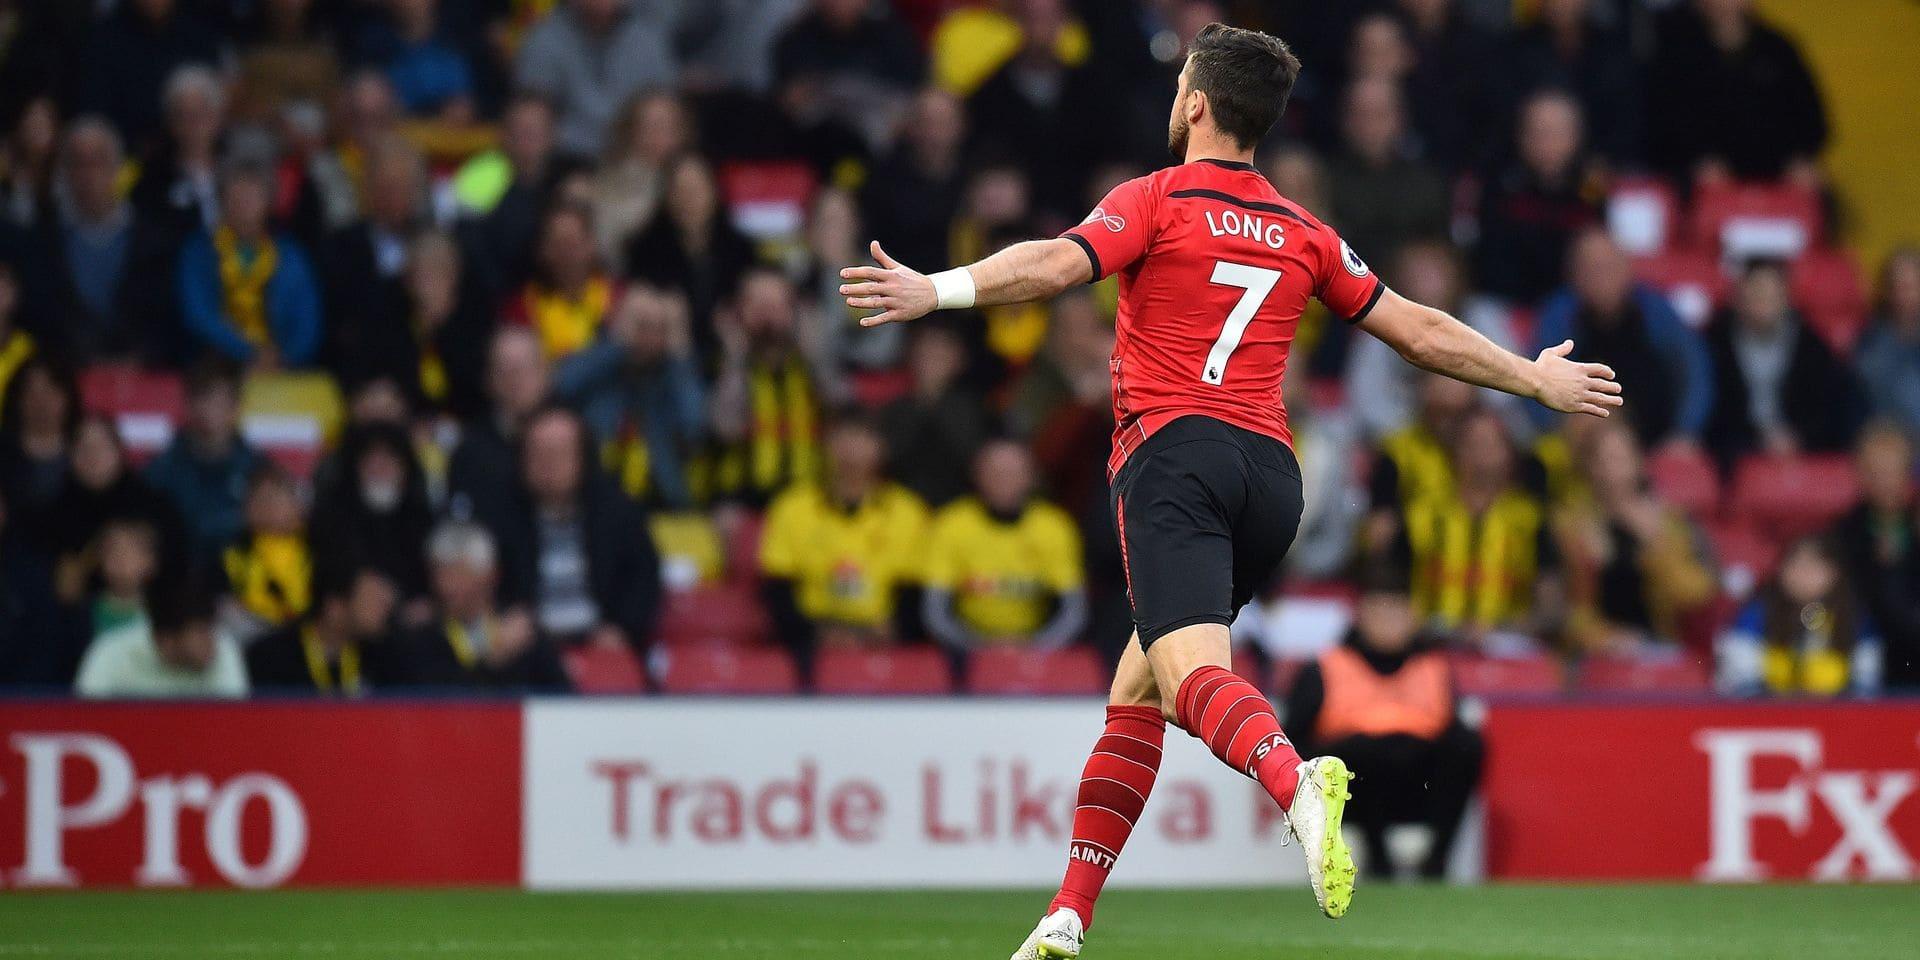 Shane Long inscrit le but le plus rapide de la Premier League: 7 secondes !